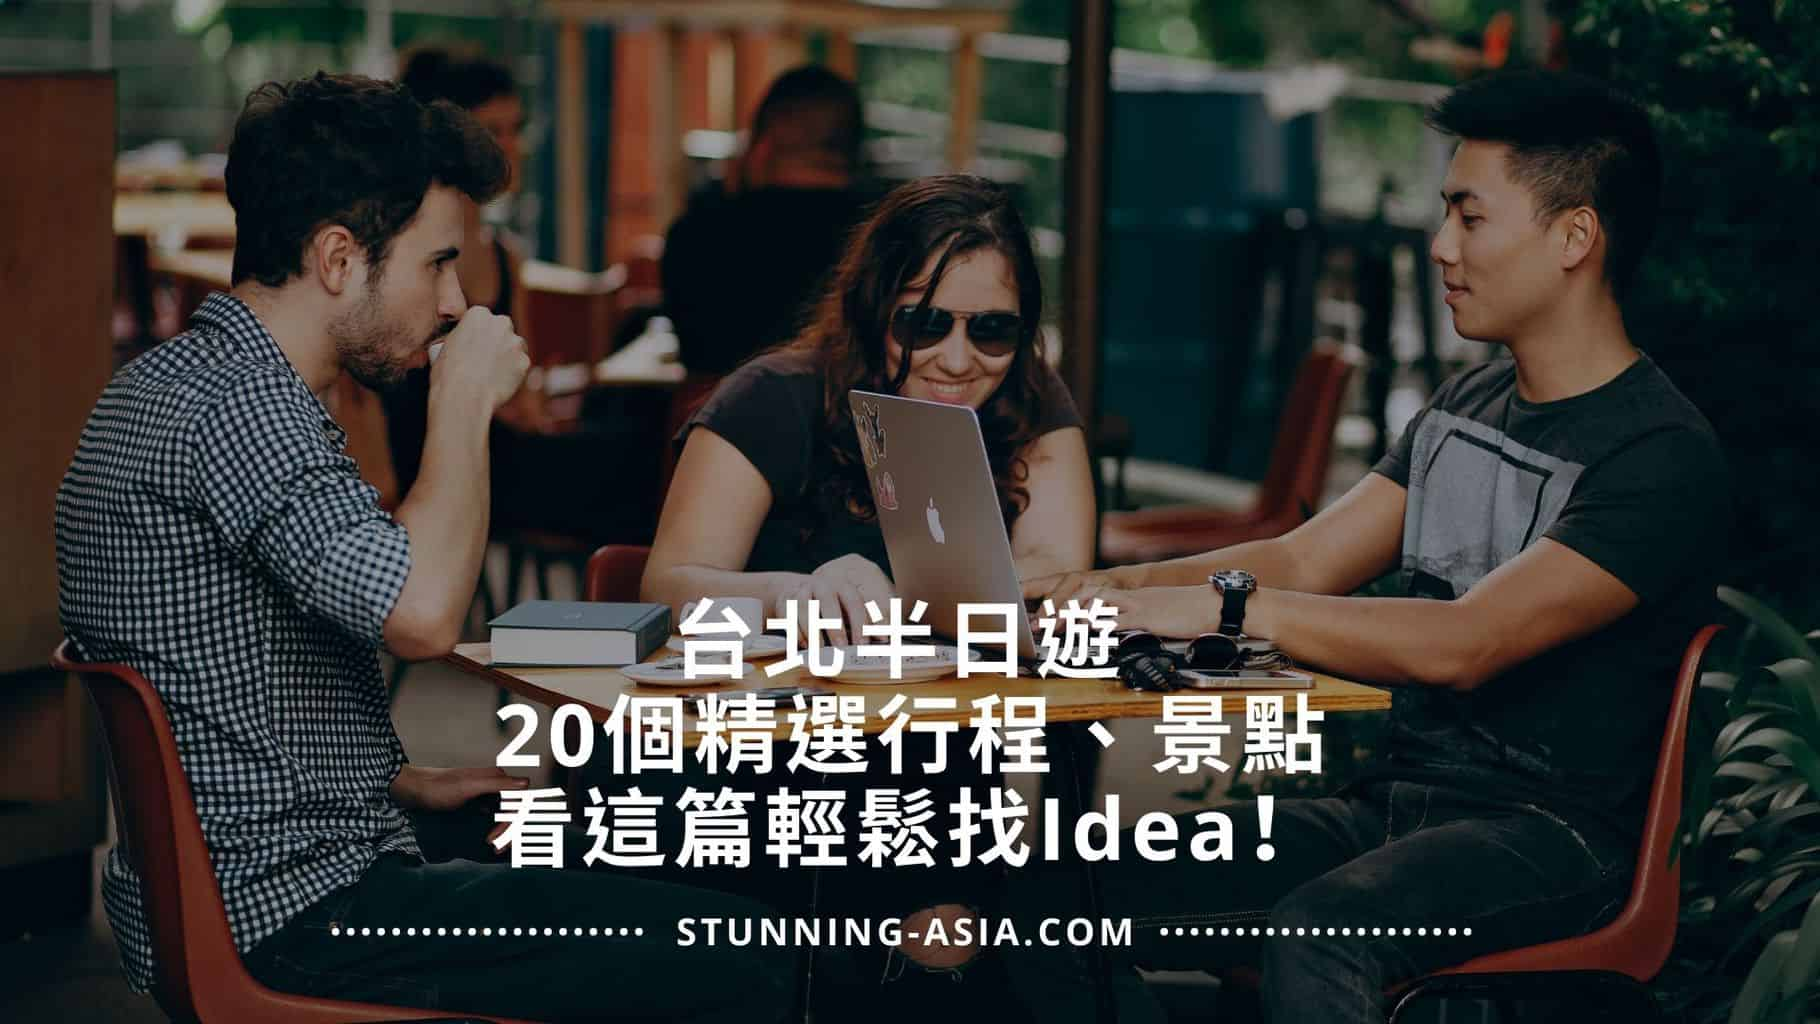 台北半日遊 | 20個精選行程、景點,看這篇輕鬆找Idea!